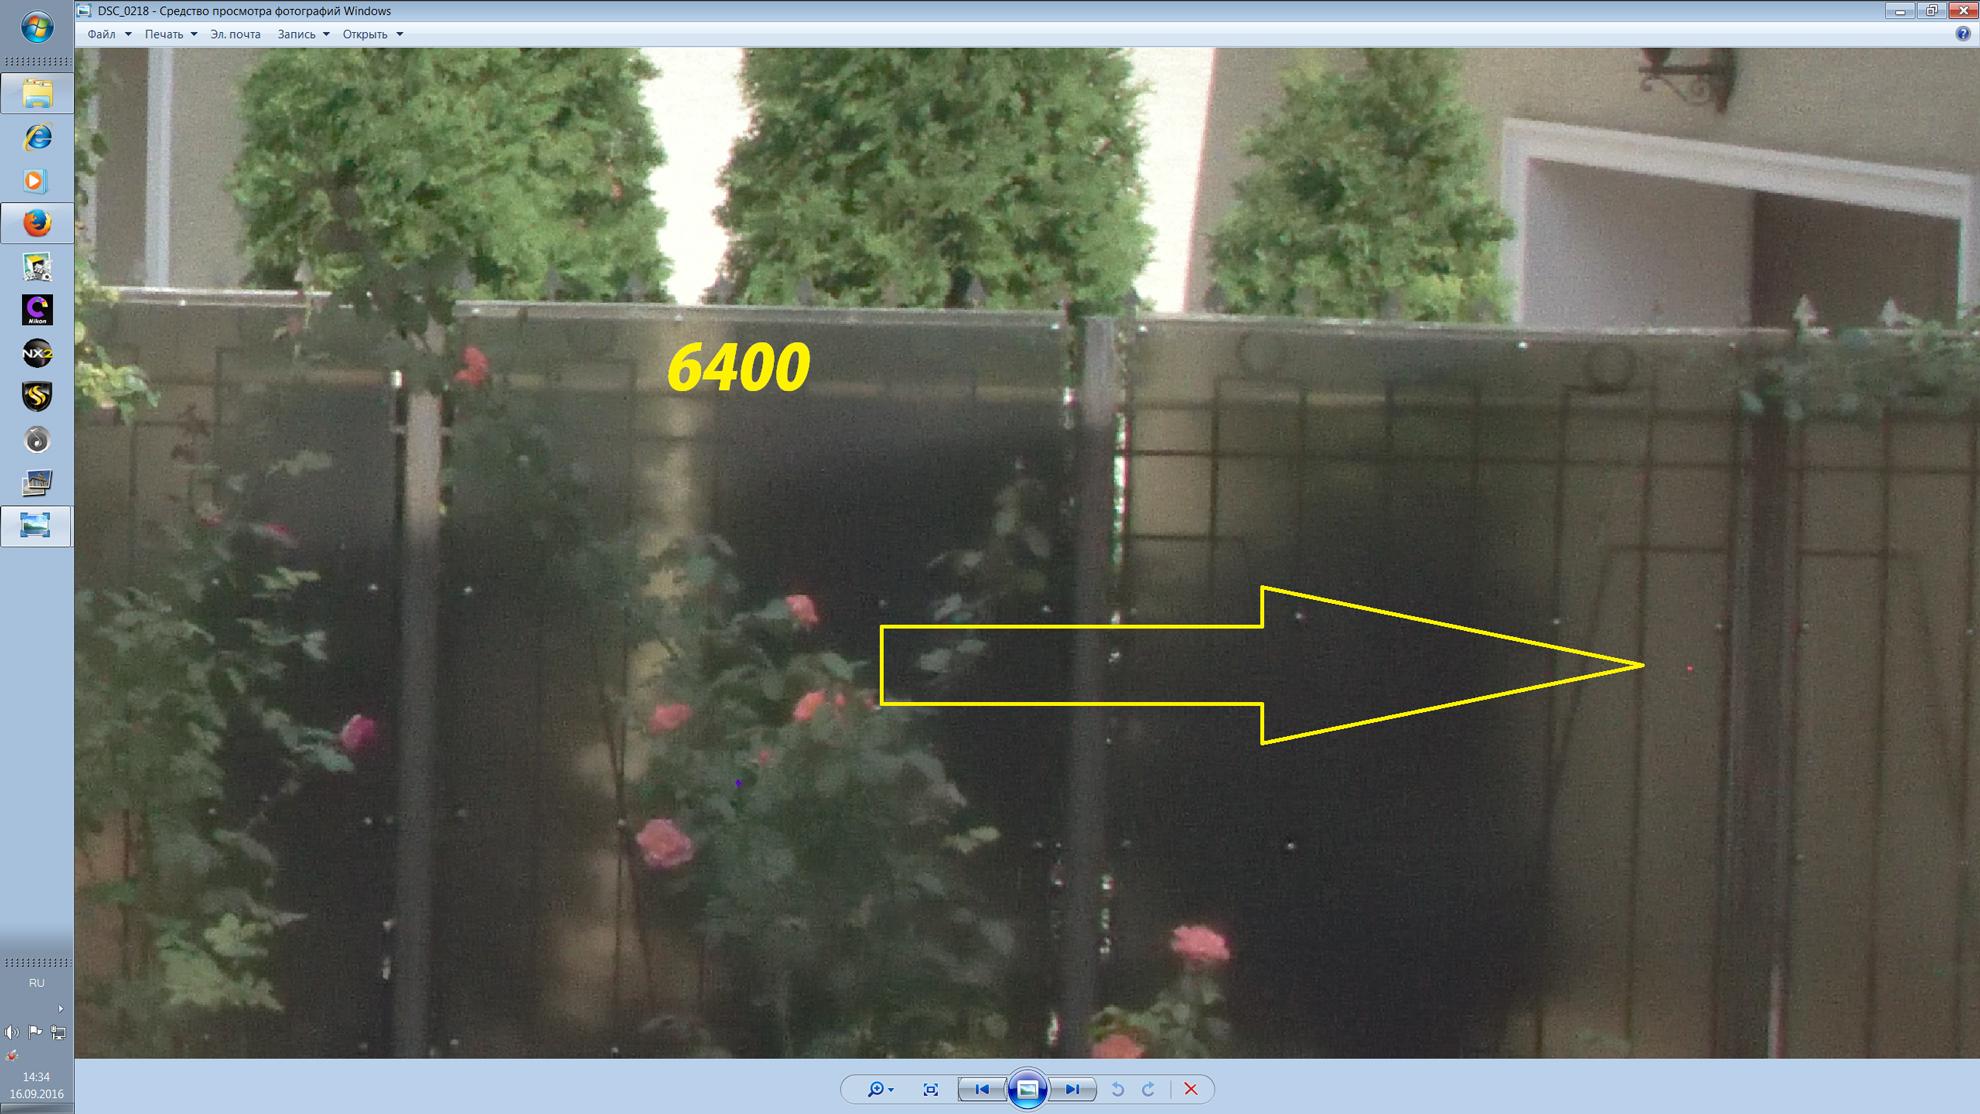 масла проверить битые пиксели на зеркальном фотоаппарате экология